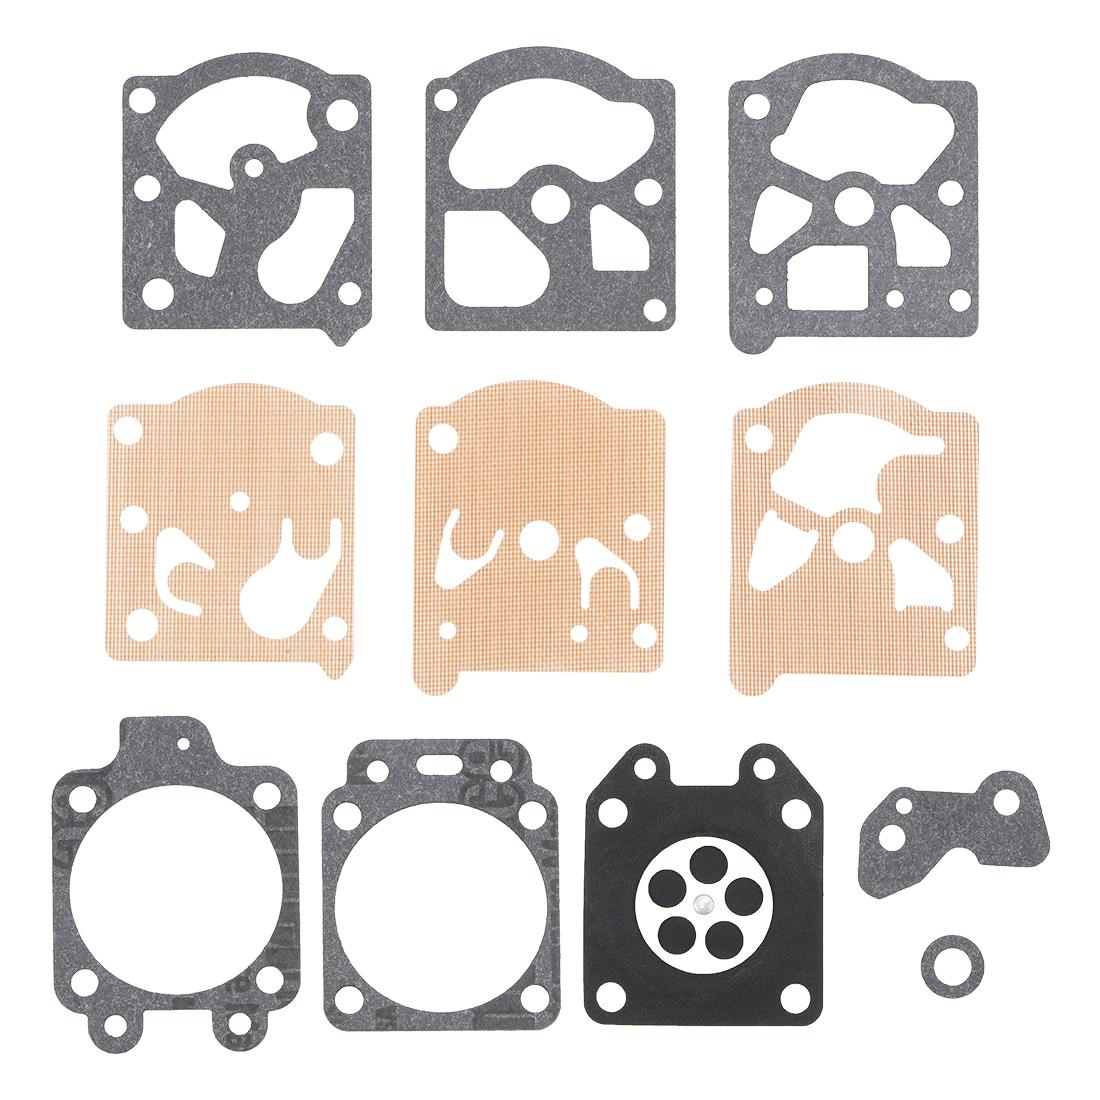 Carburetor Rebuild Kit Gasket Diaphragm for K20WAT Chainsaw String Engines 3 Pcs